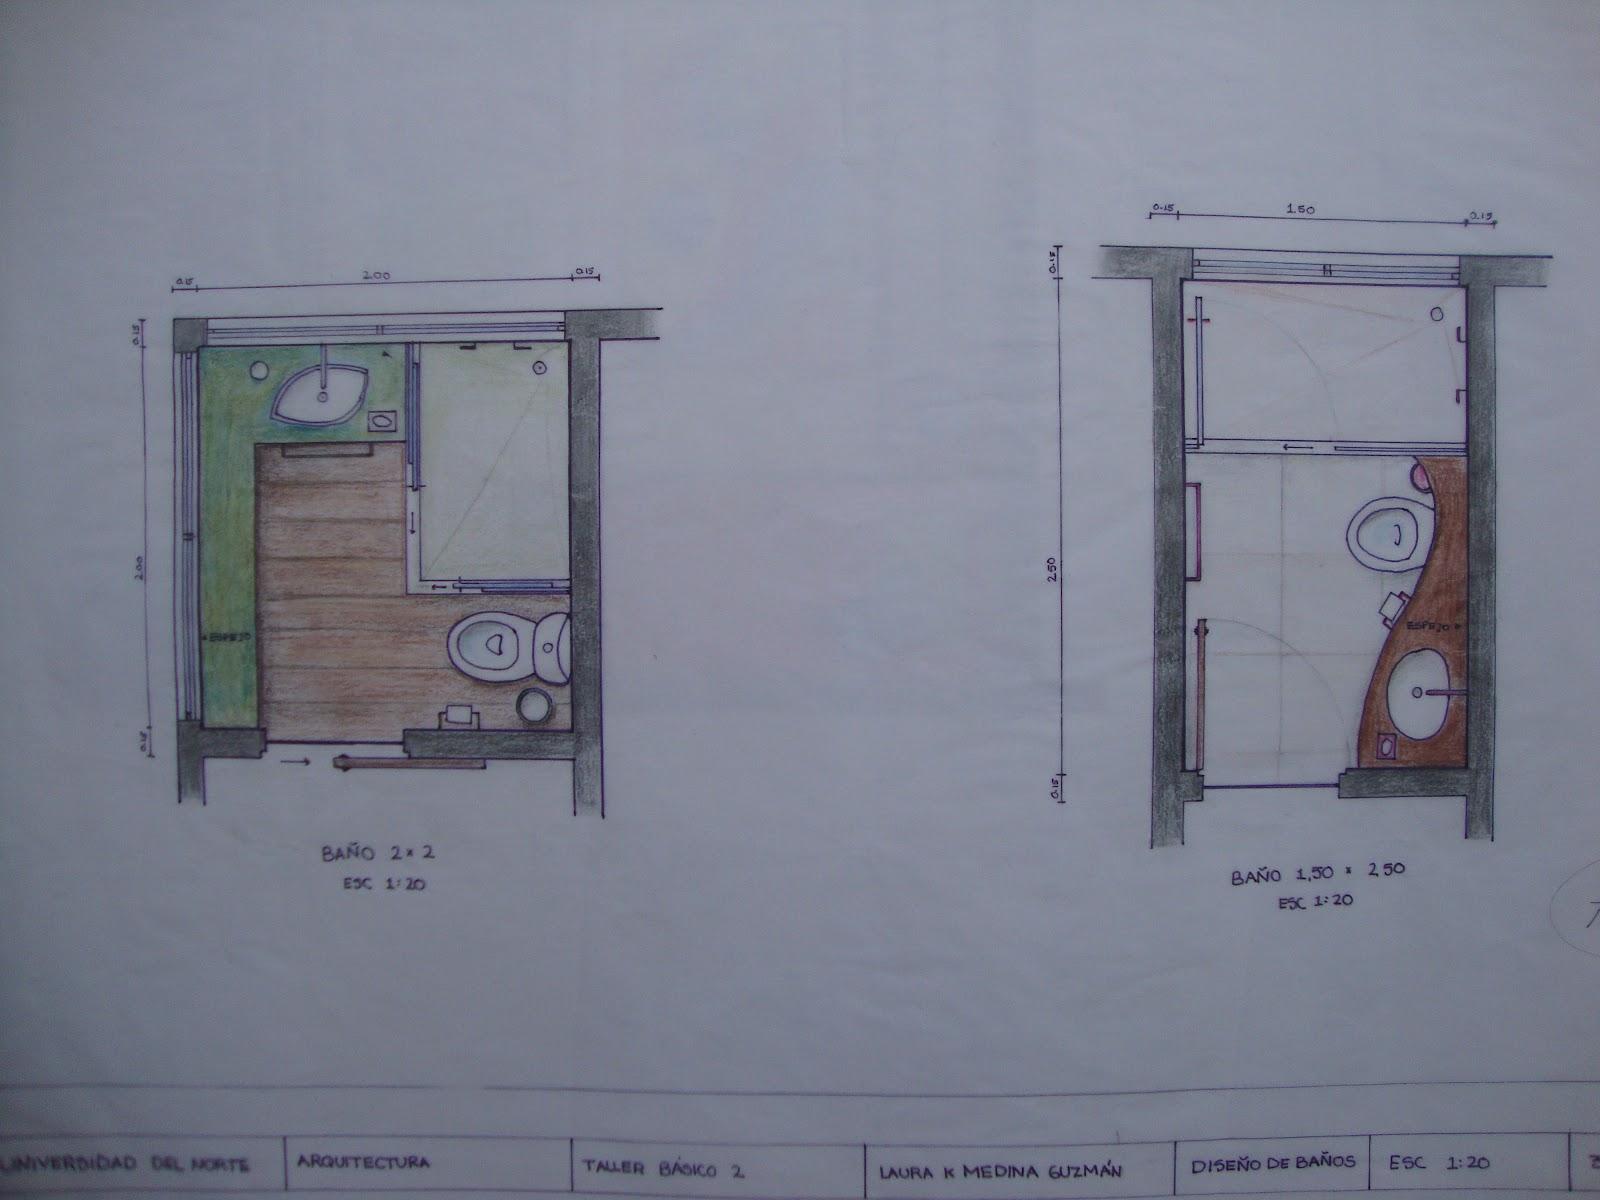 Baño Vestidor Medidas:tipos de baños de medidas 2 x 2 y 2 5 x 1 5 pensando en las funciones